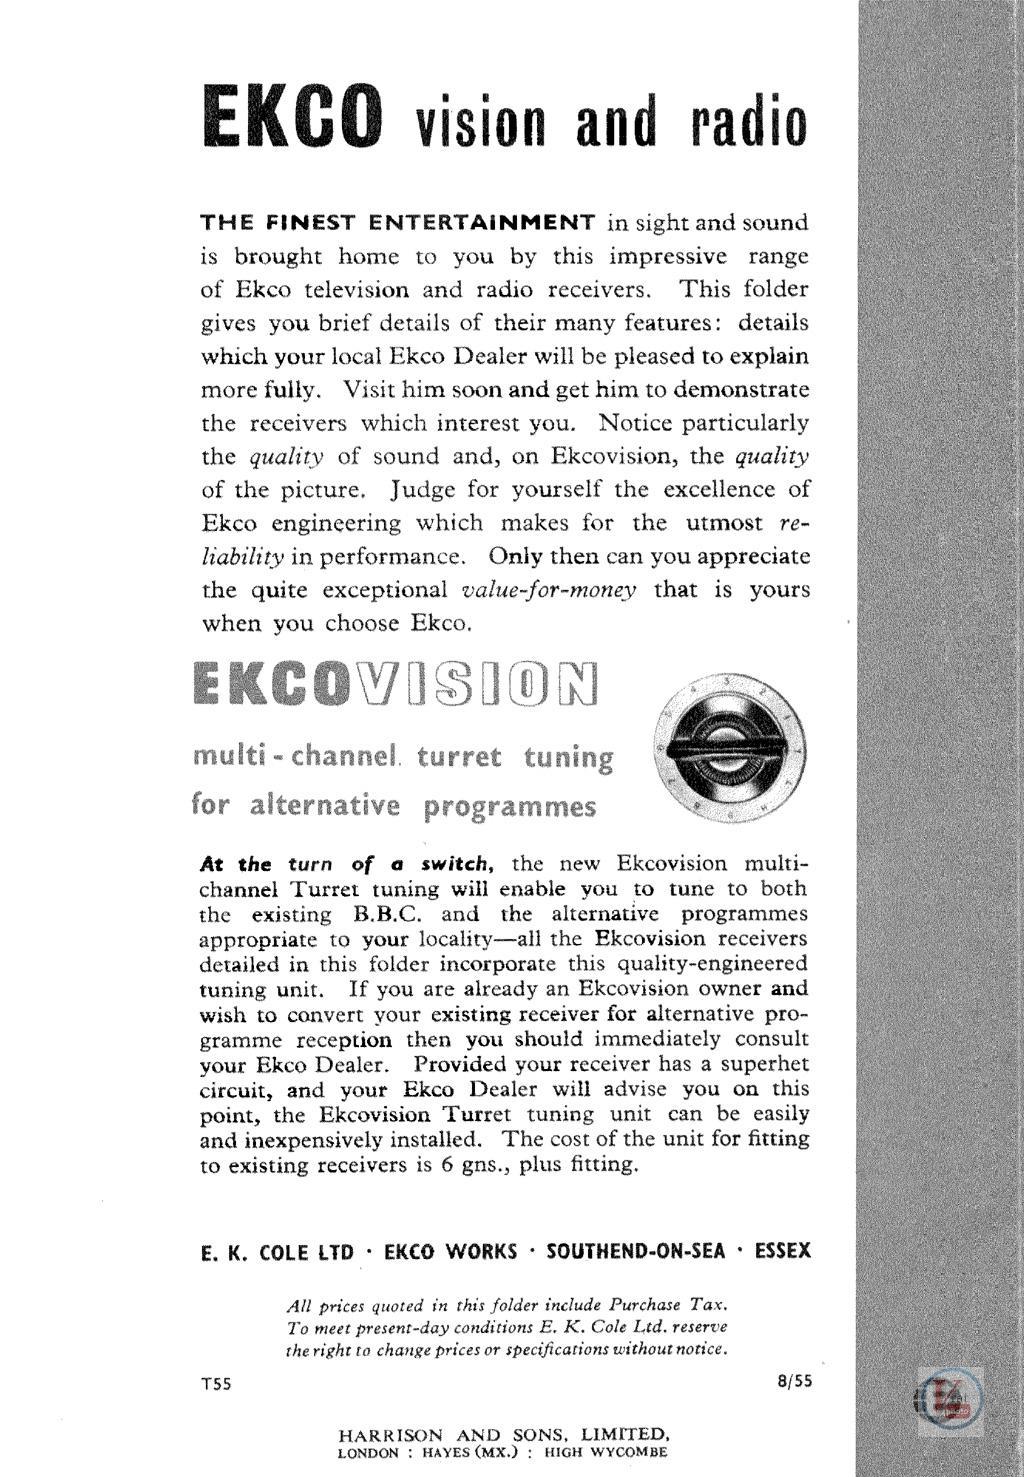 EKCO B&W TV's 50